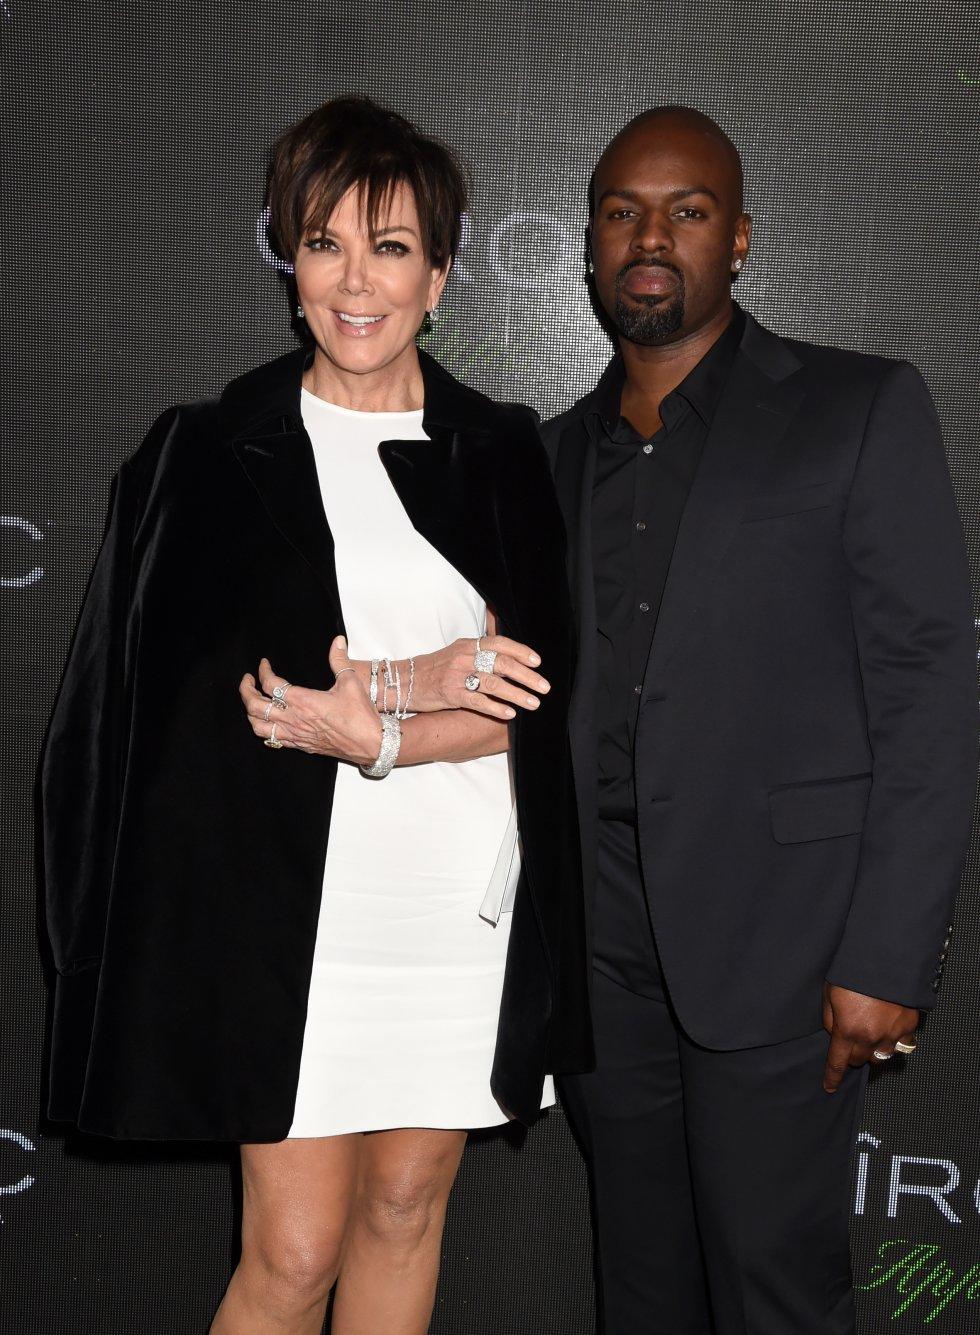 La relación sentimental de Kris Jenner y Corey Gamble, por la que muy pocos apostaban cuando comenzó en noviembre de 2014 debido a la diferencia de edad de 25 años que existe entre ambos, podría haber llegado ahora a su fin.